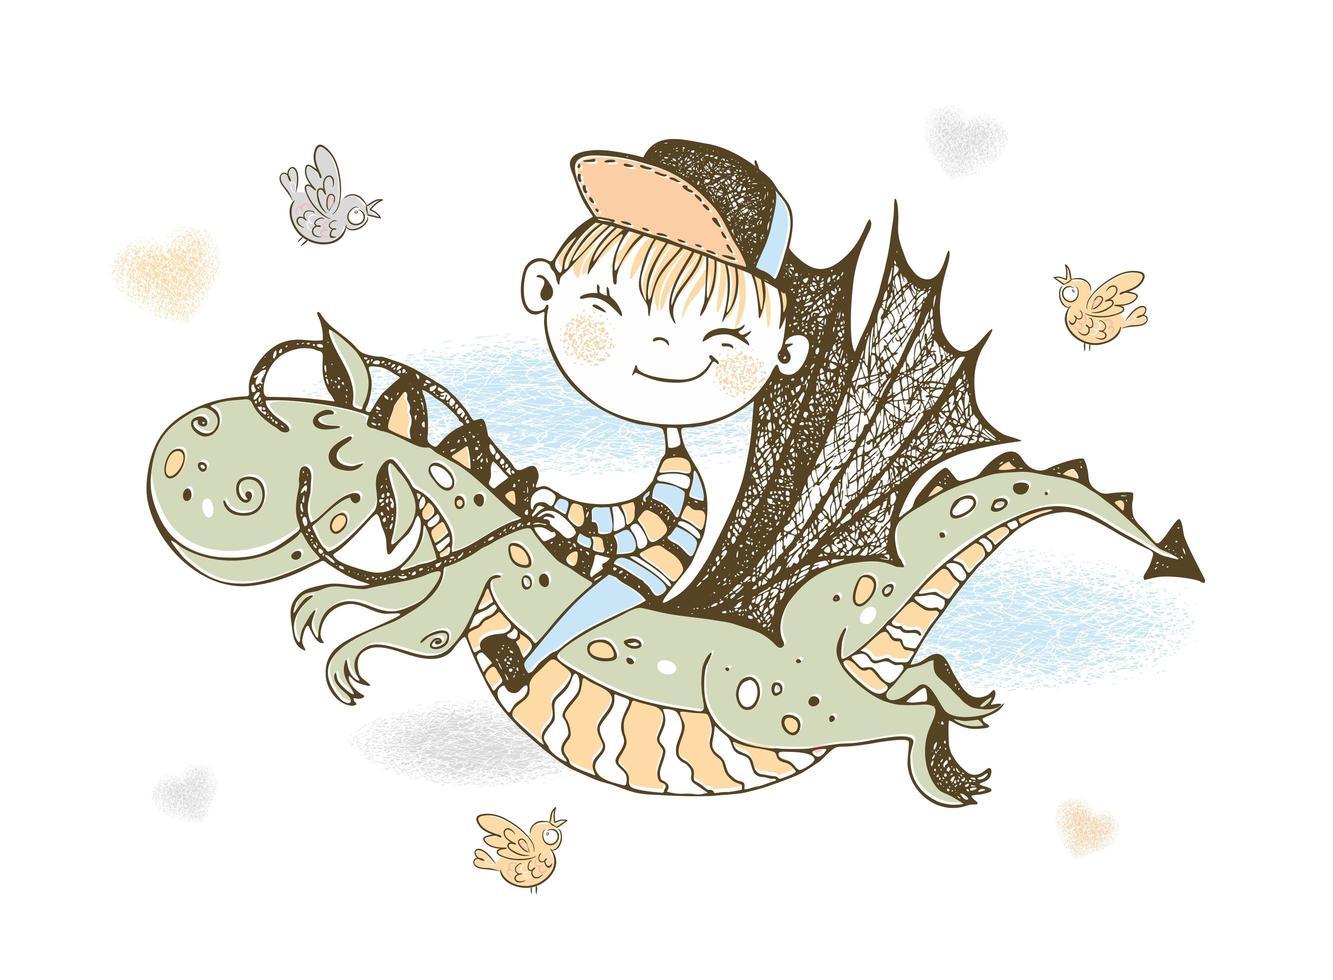 een kleine jongen die op een sprookjesachtige draak vliegt vector